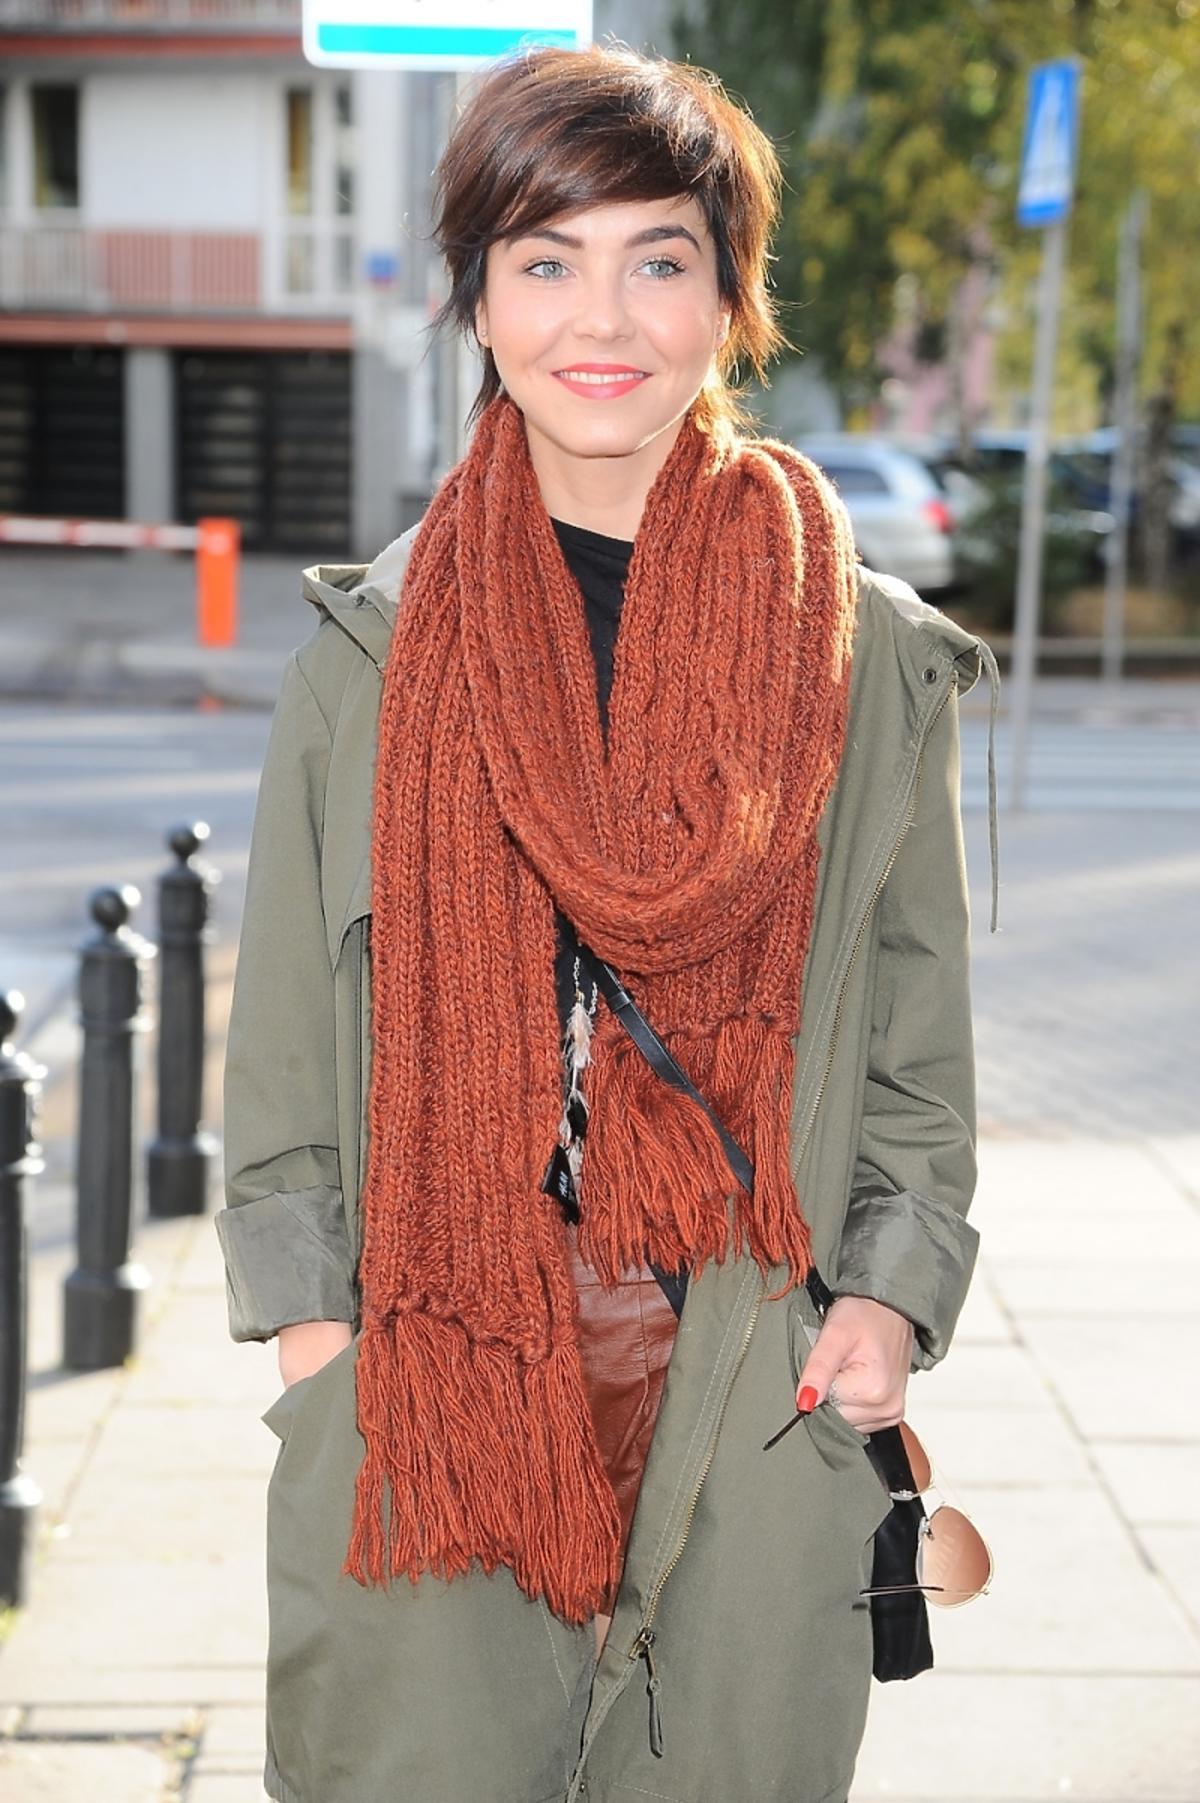 Paulina Drażba na ulicy w zielonej parce i brązowym szaliku